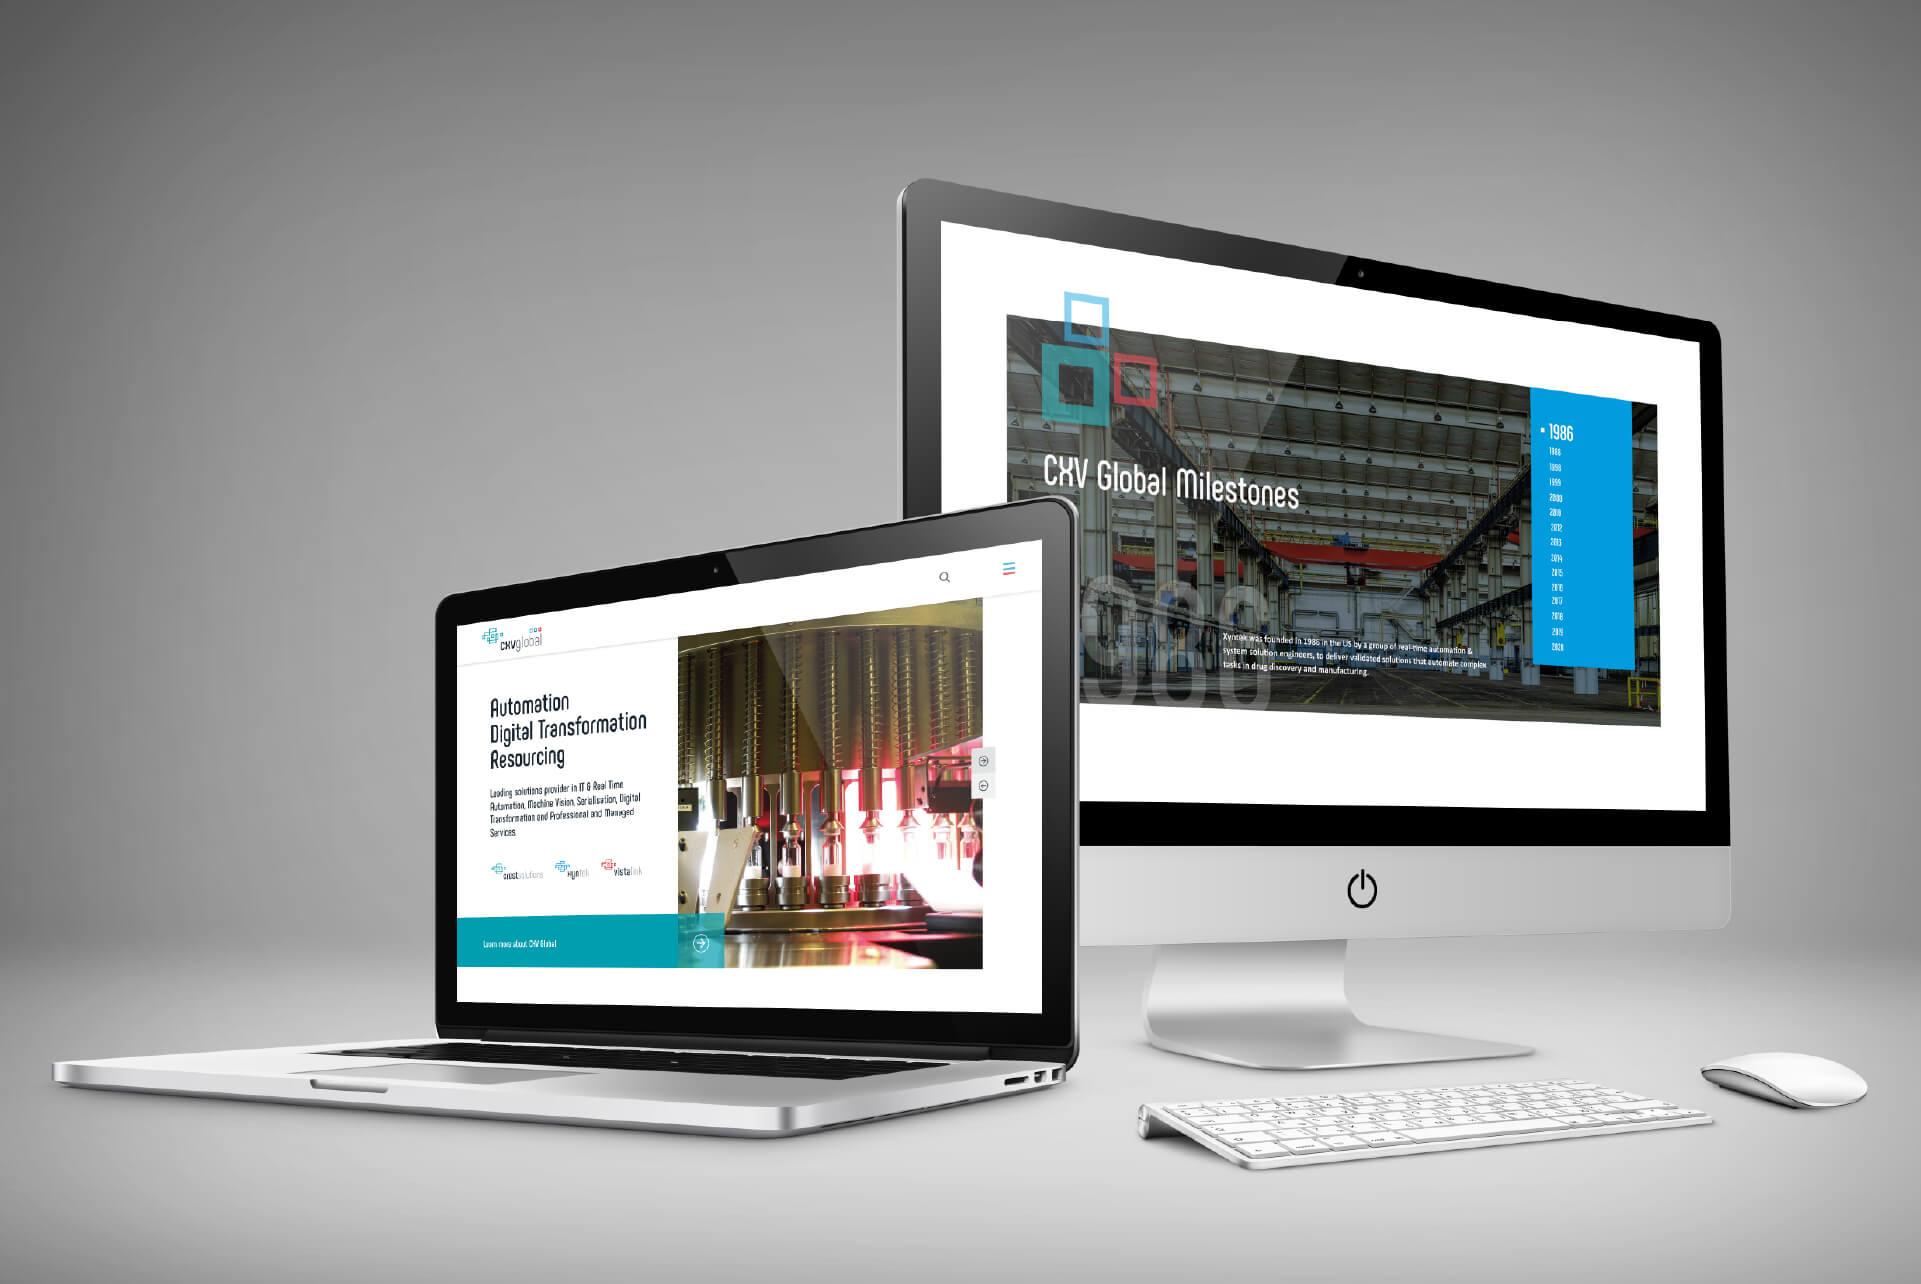 Website design Mockups for CXV Global